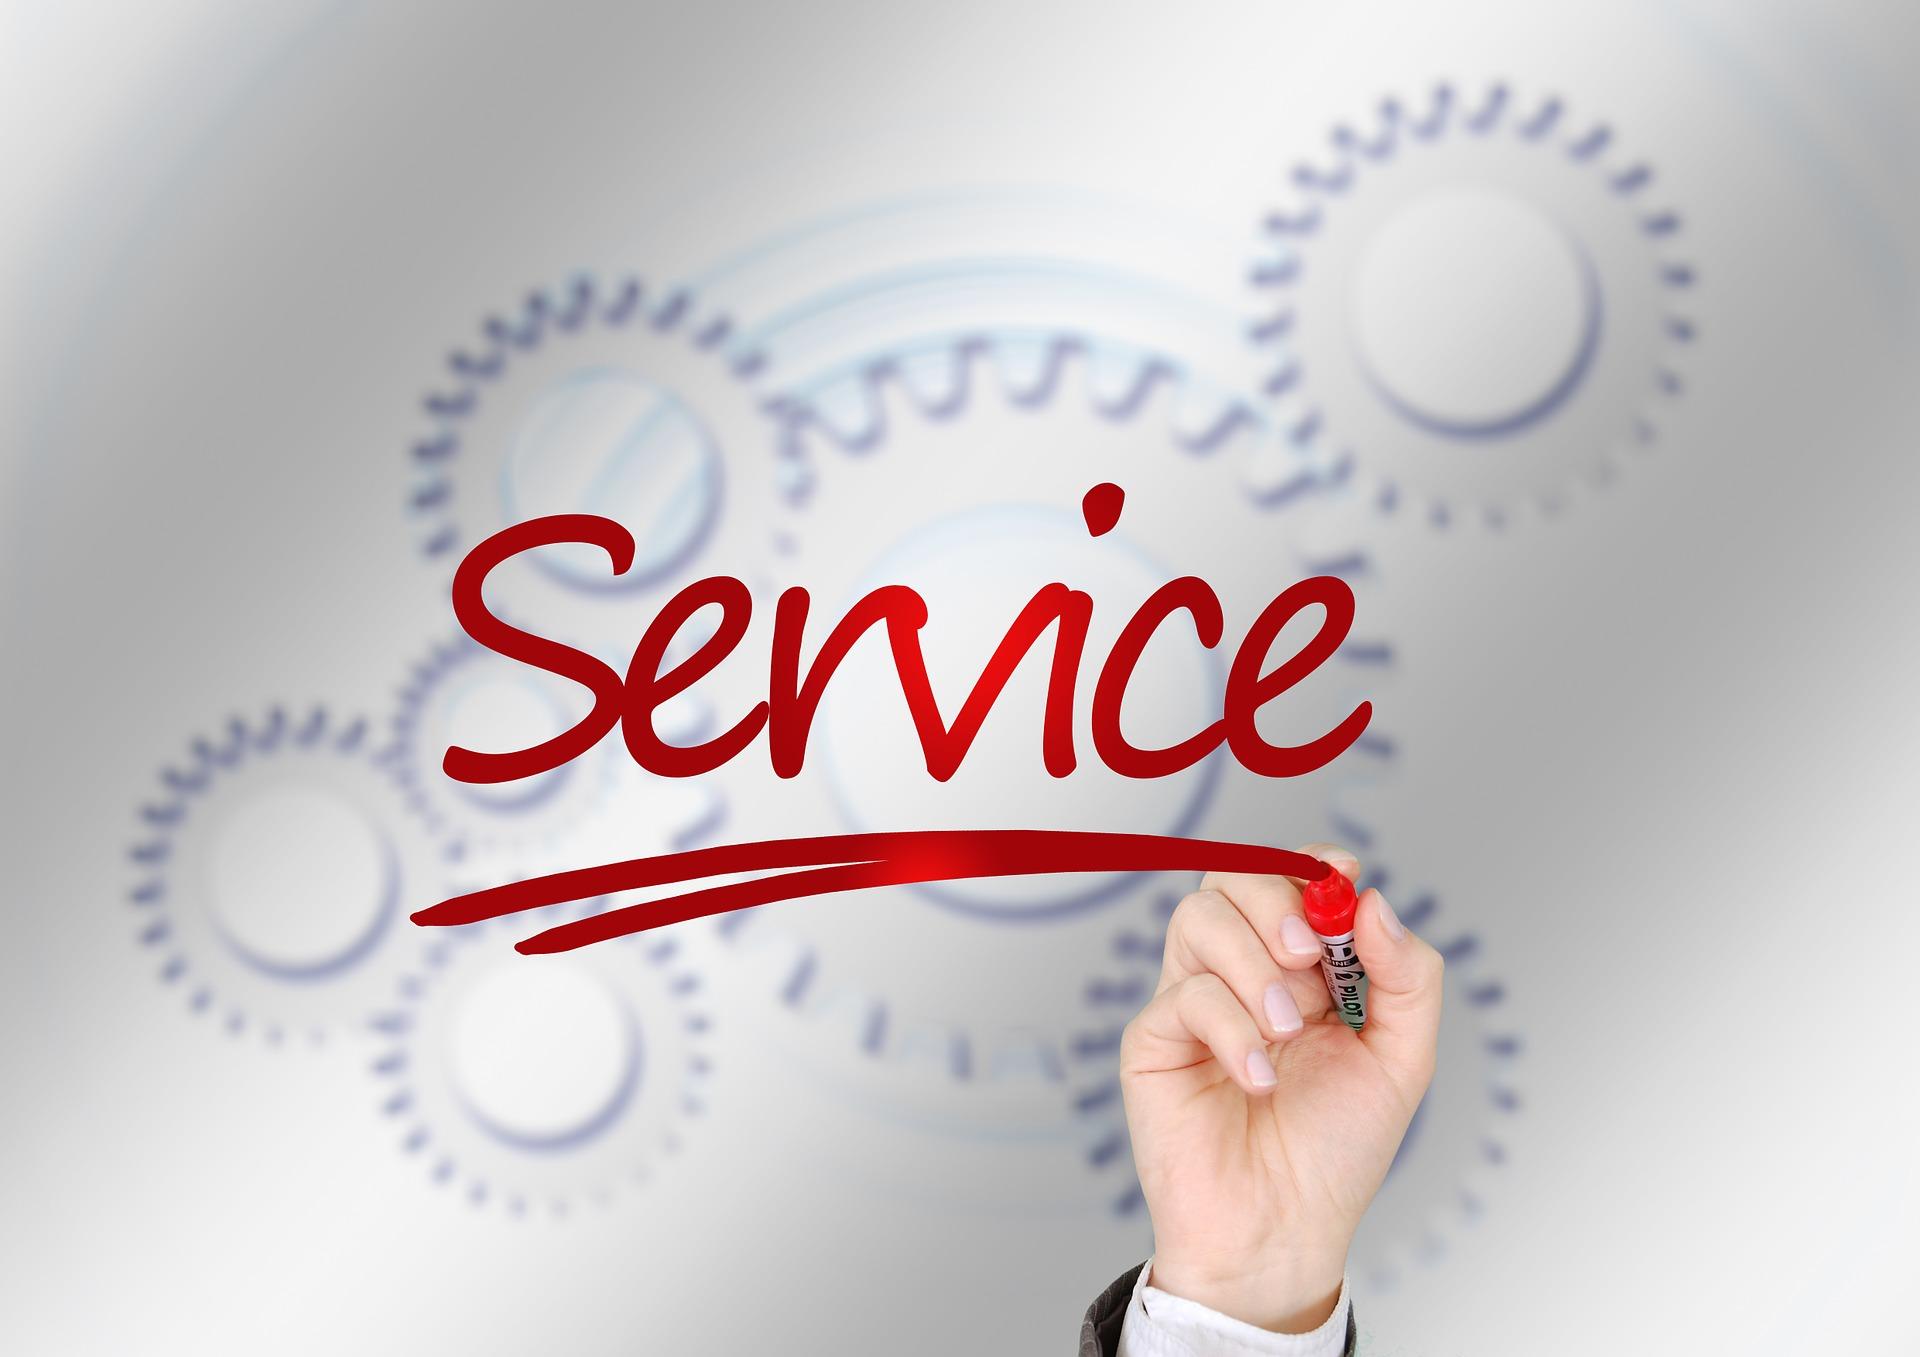 GRADUATORIA: AVVISO pubblico per la fornitura di: servizi per la formazione dei consiglieri e del personale dei Consigli regionali degli Assistenti sociali